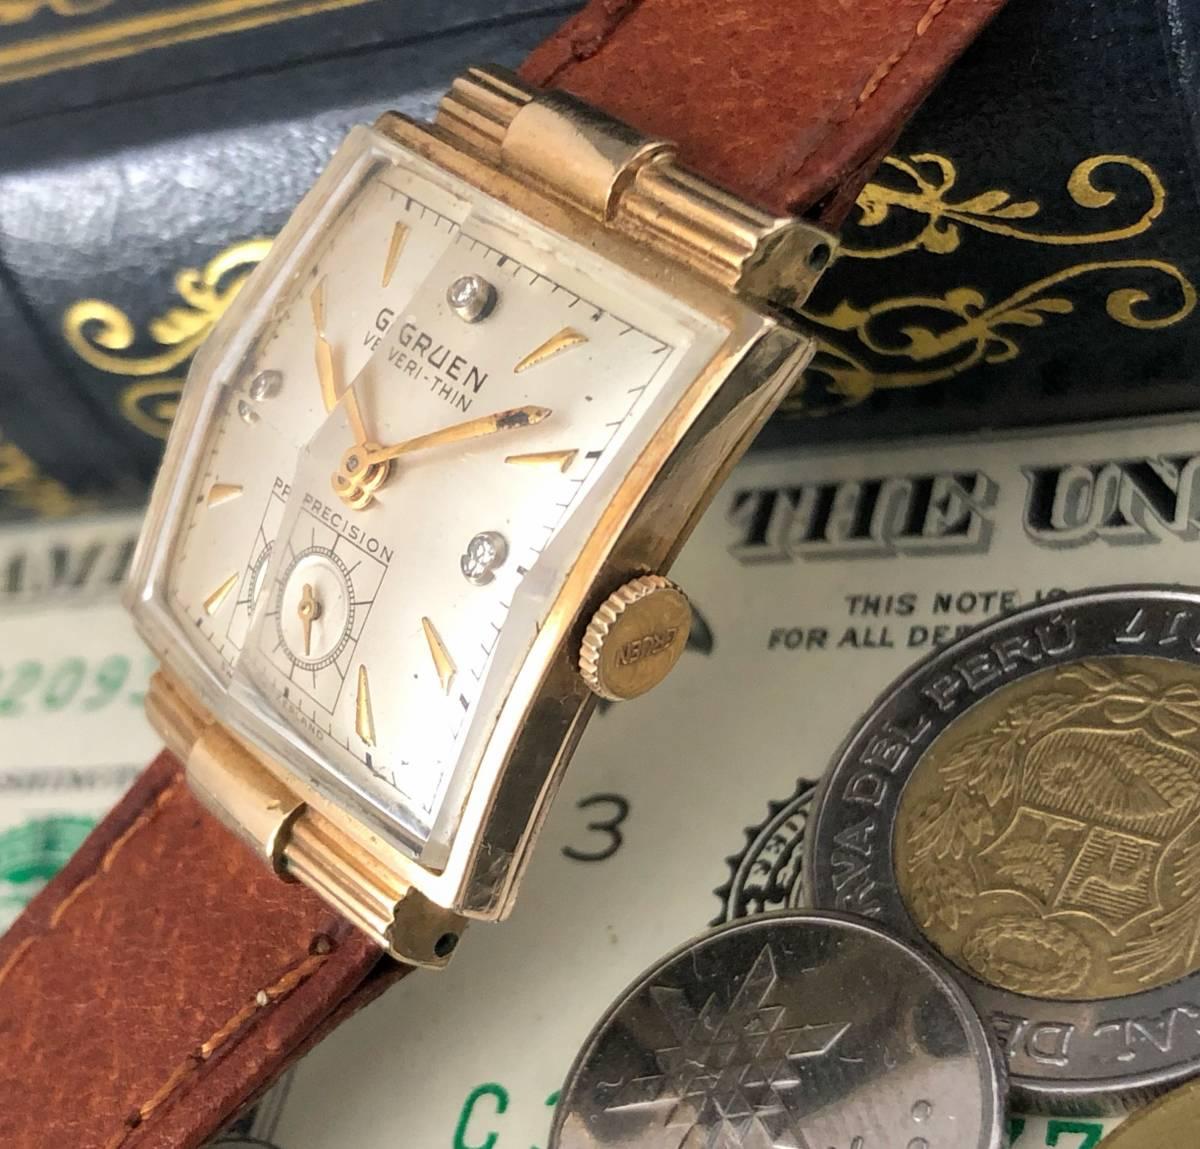 【貴重】◎/グリュエン/GRUEN/ゴールド/1950's/アンティーク/Veri-Thin/10K/スクエア/手巻/金張/ベリシン/メンズ腕時計/アメリカ/送料無料_画像3